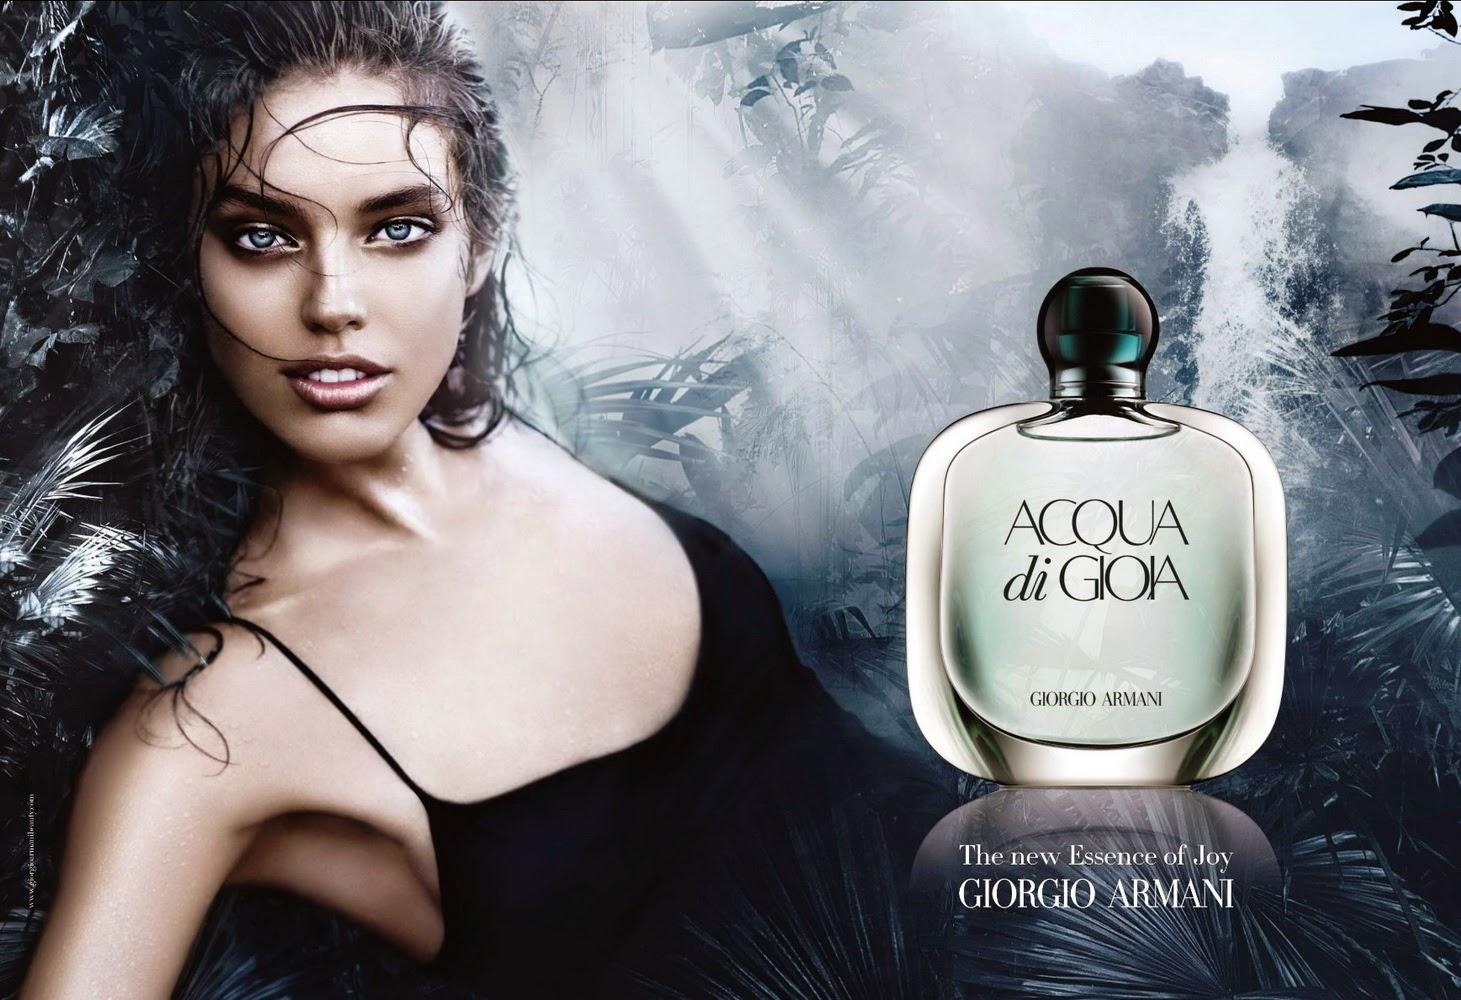 Presente Dia das Mães - Perfume Acqua Di Gioia Giorgio Armani